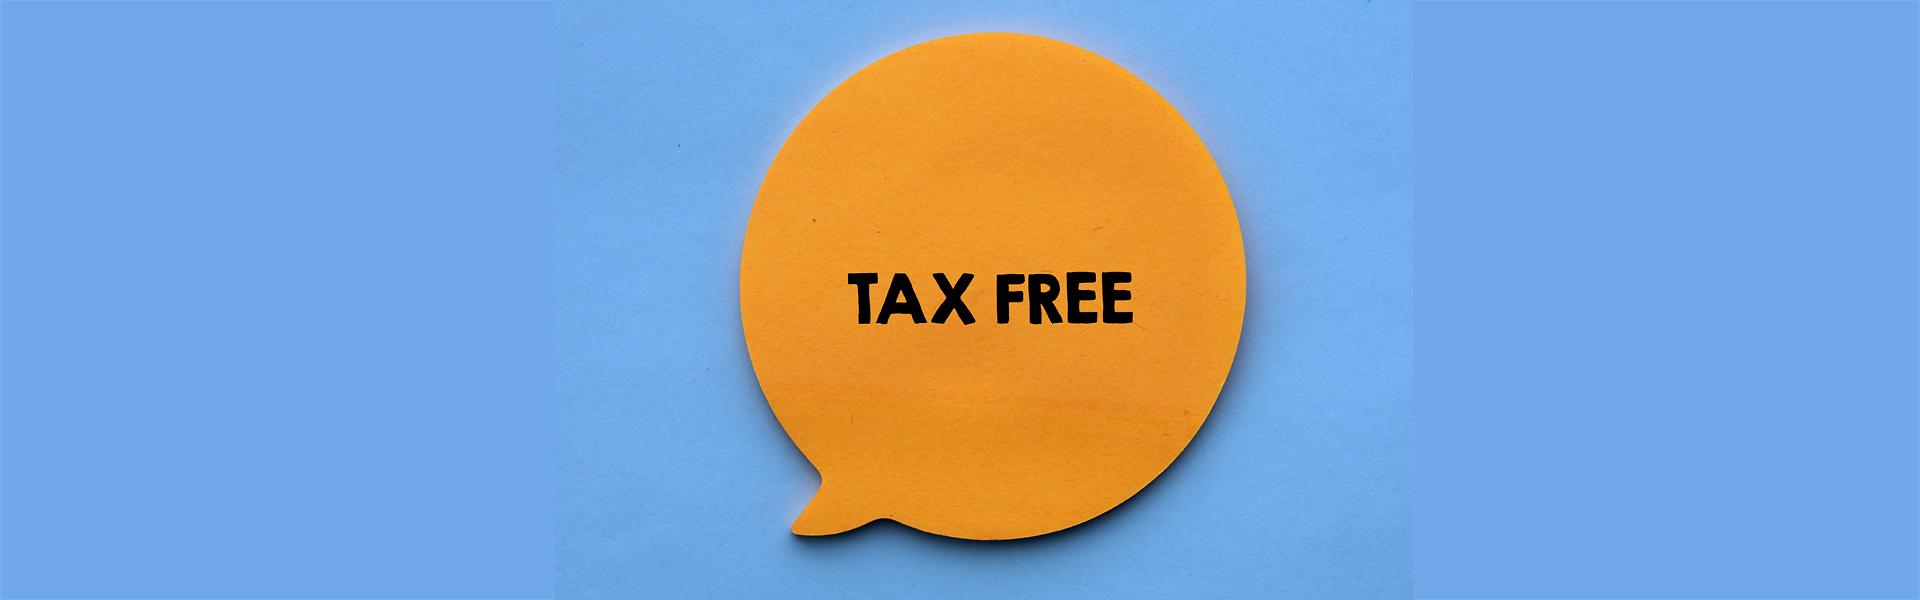 tax free loan image